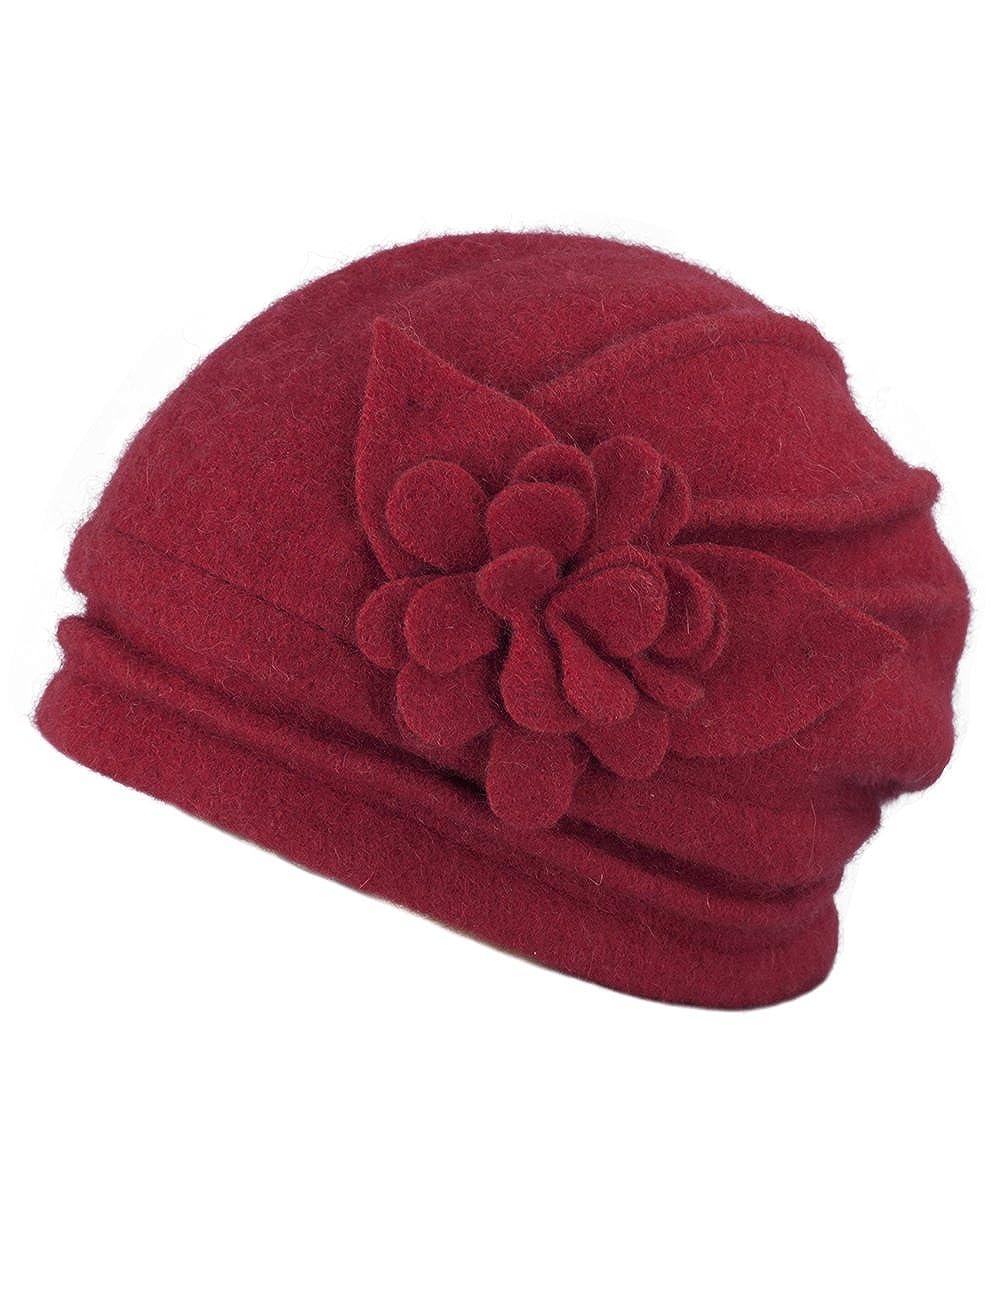 Dahlia Women's Elegant Flower Wool Cloche Bucket Slouch Hat HT0015WLW-BK